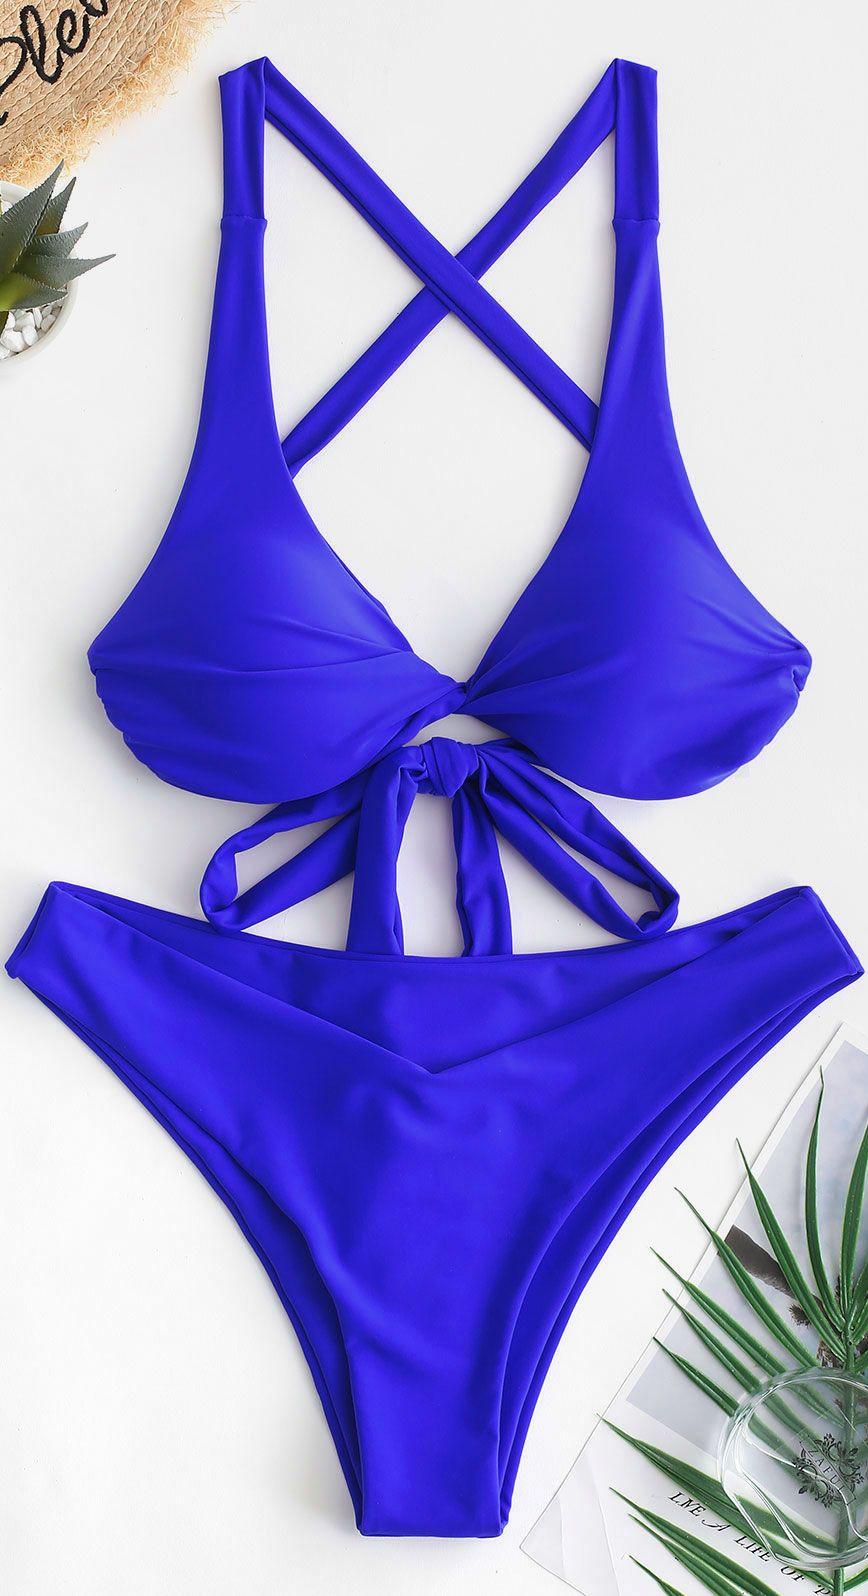 c0745706727 Style: Sexy Swimwear Type: Bikini Bikini Type: Convertible Bikini Gender:  For Women